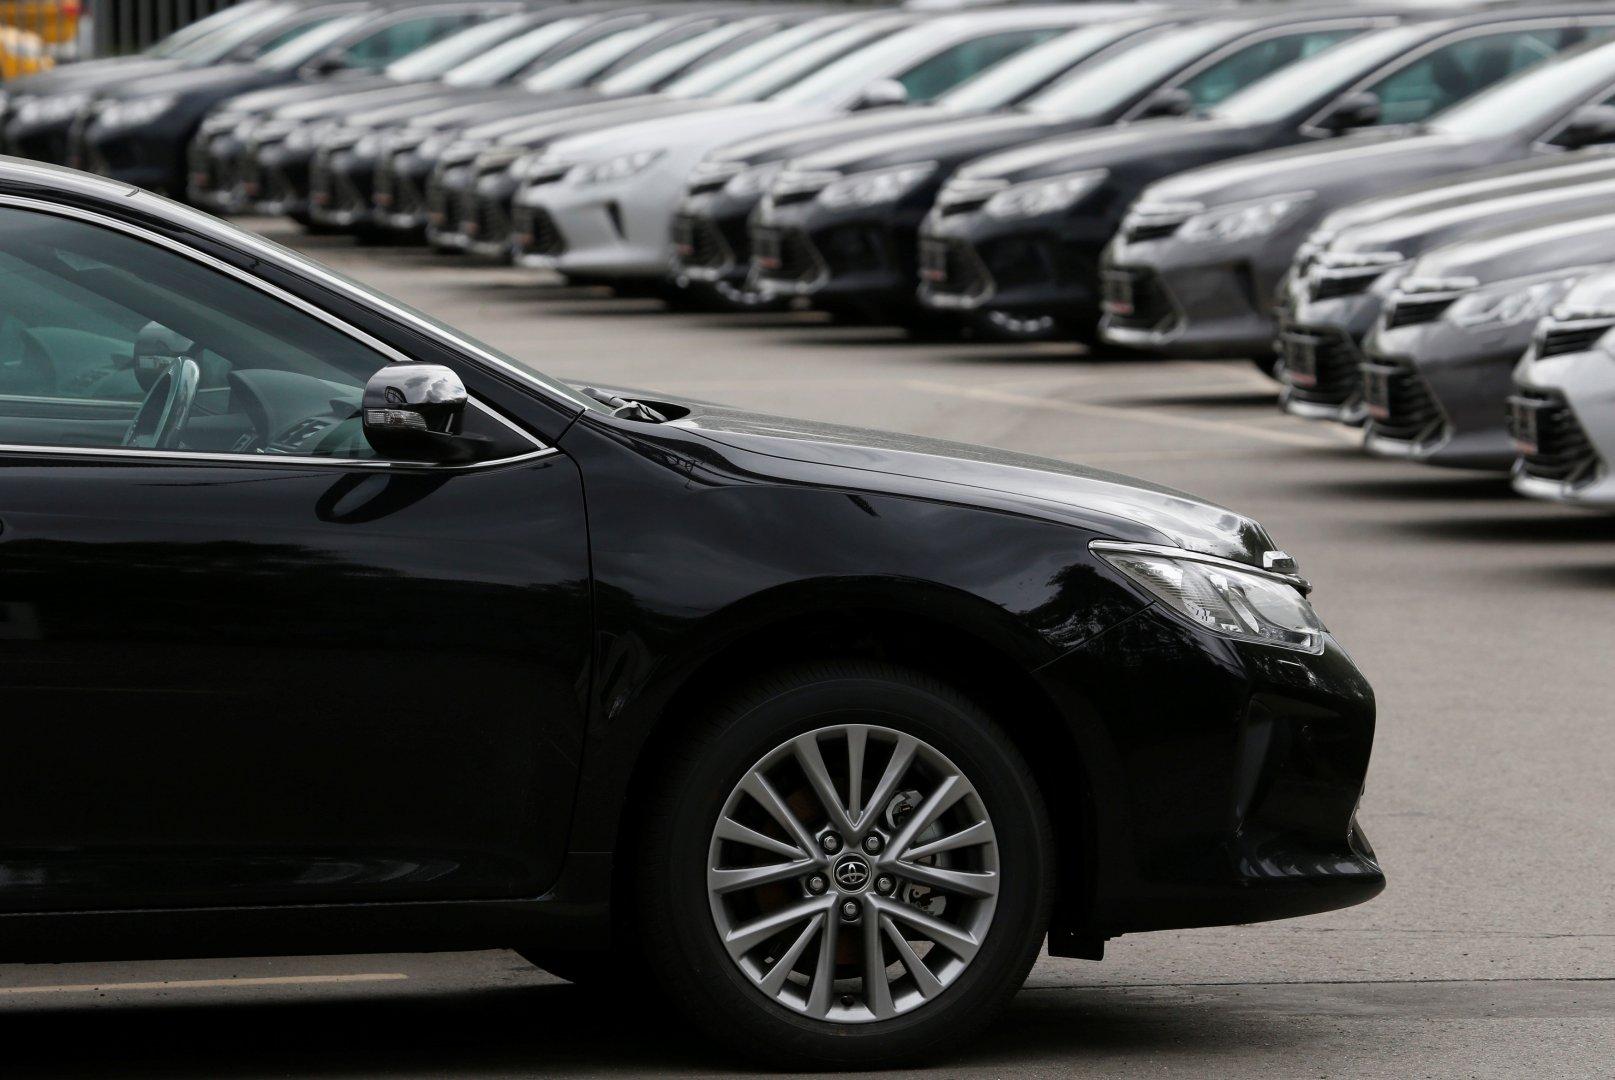 V Rossii budut massovo dorozhat avtomobili 1